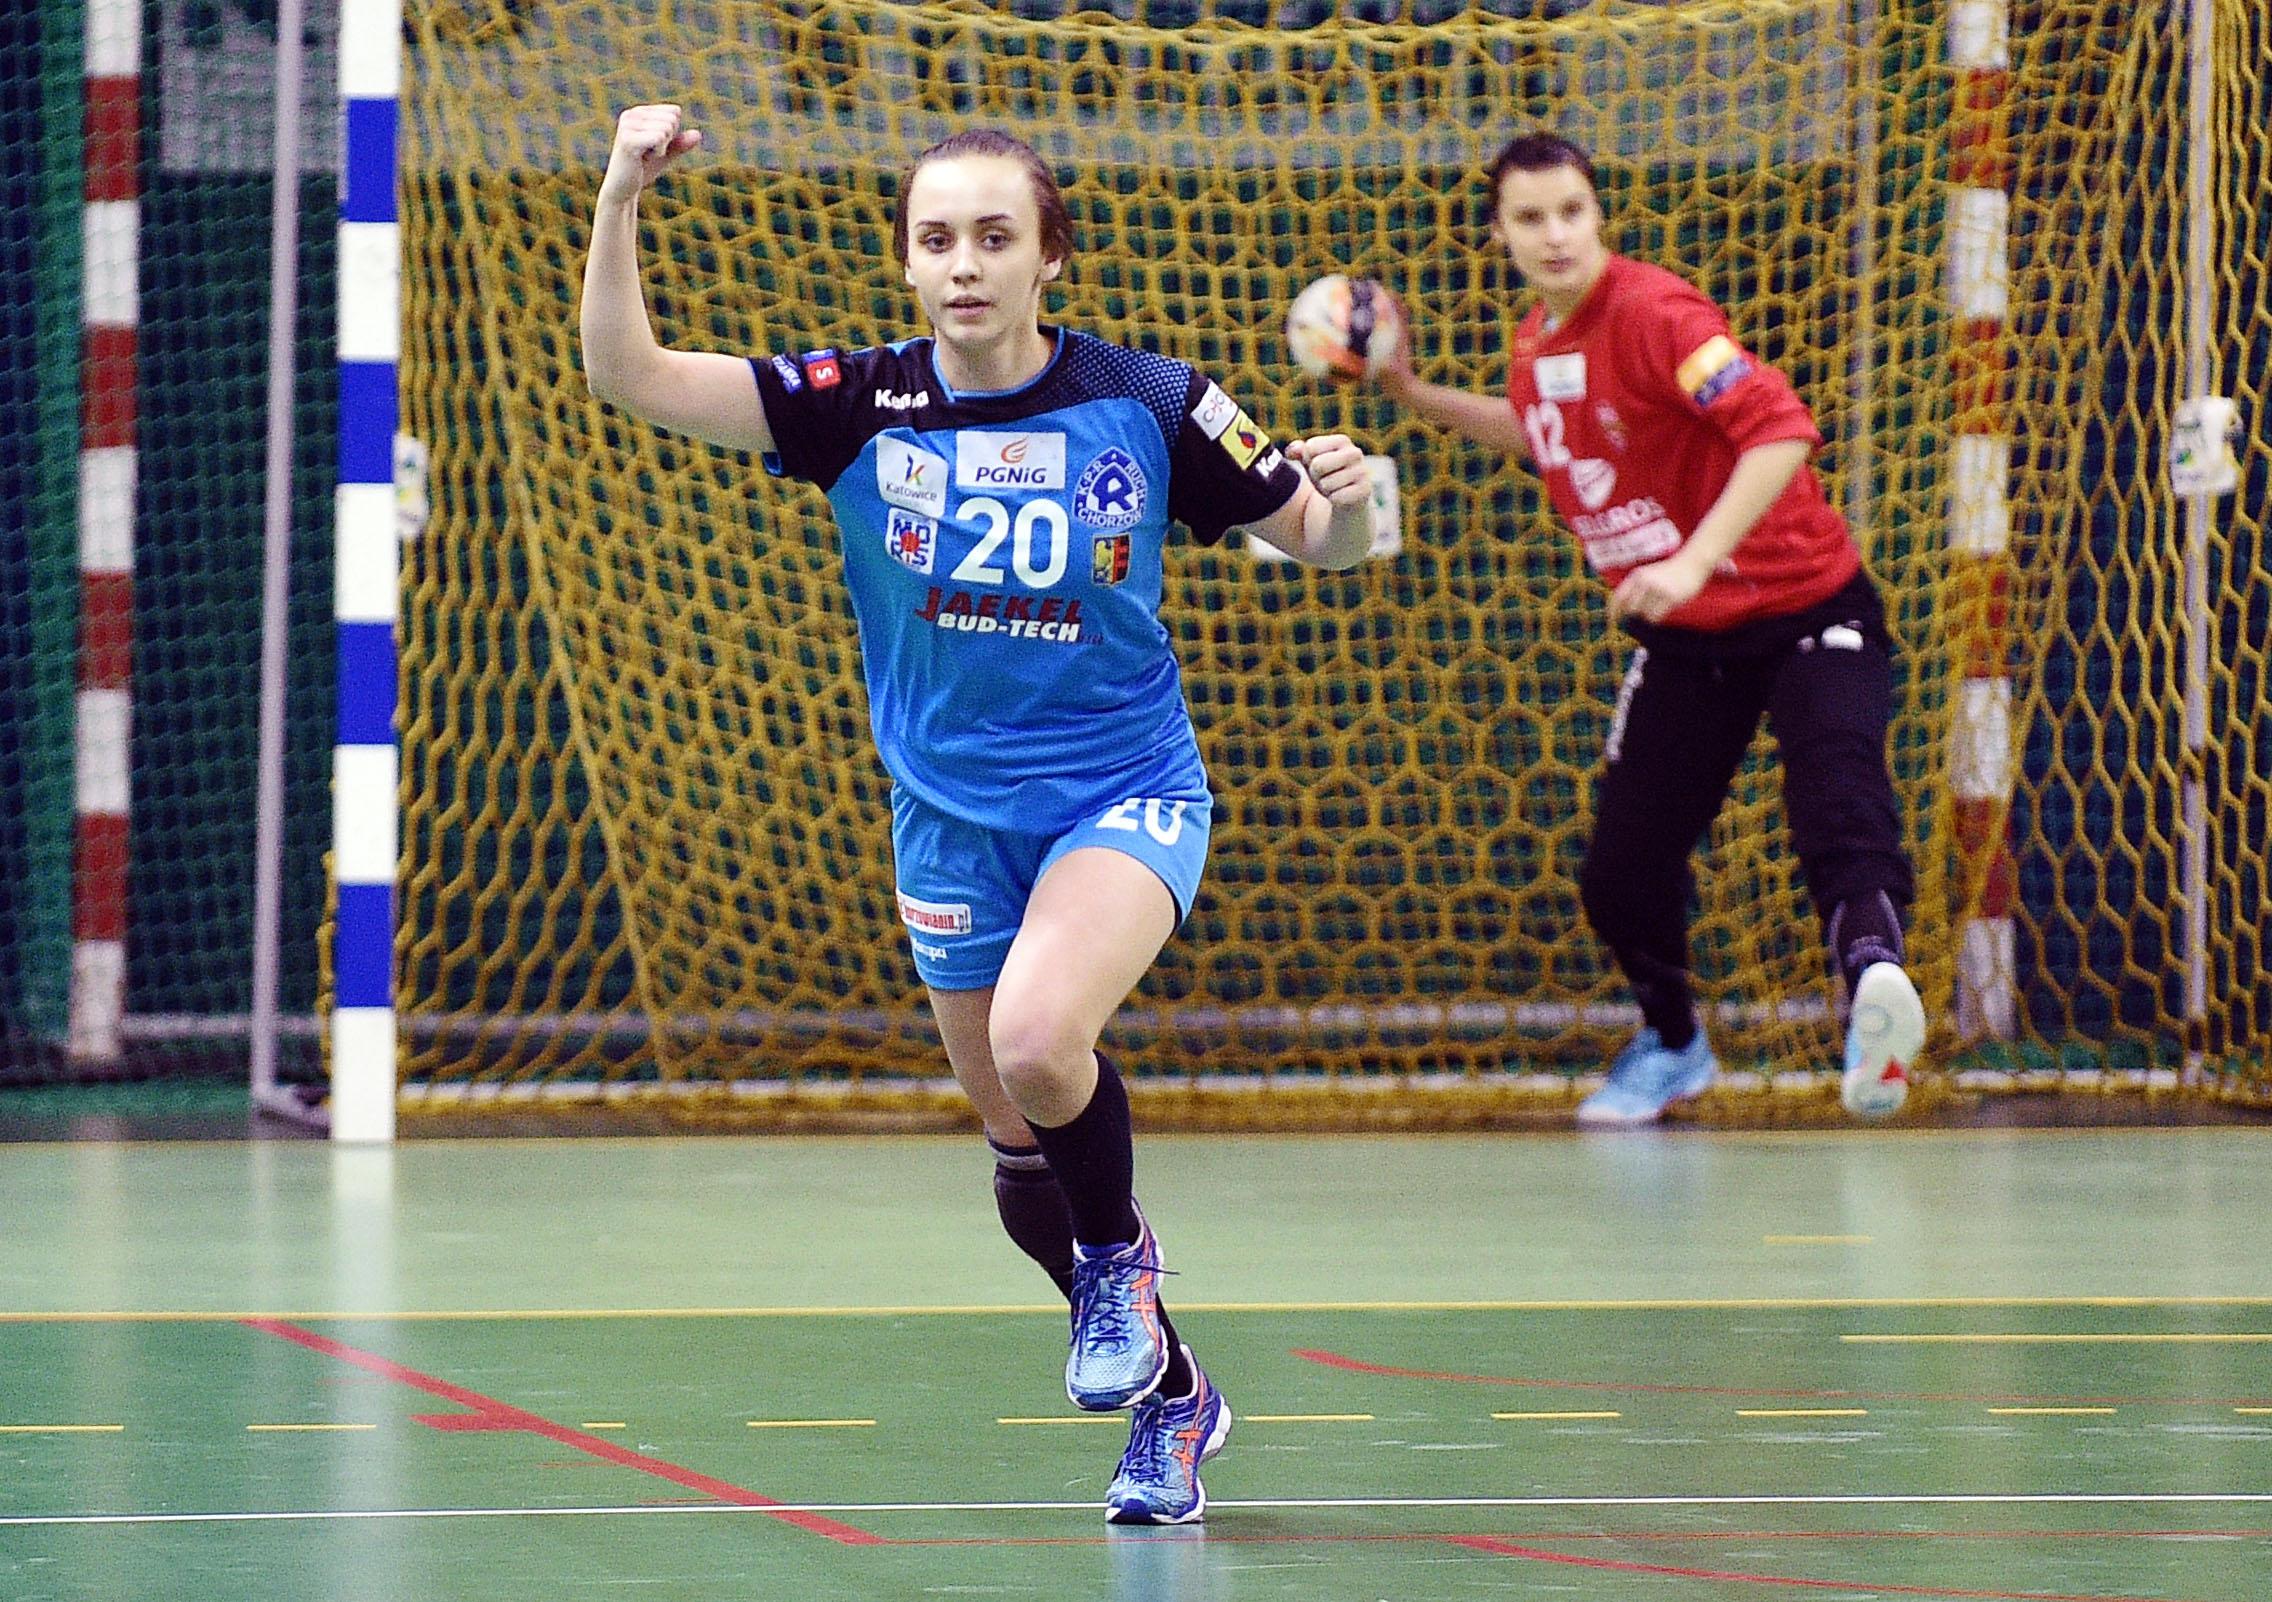 KPR Ruch Chorzow - MKS Selgros Lublin